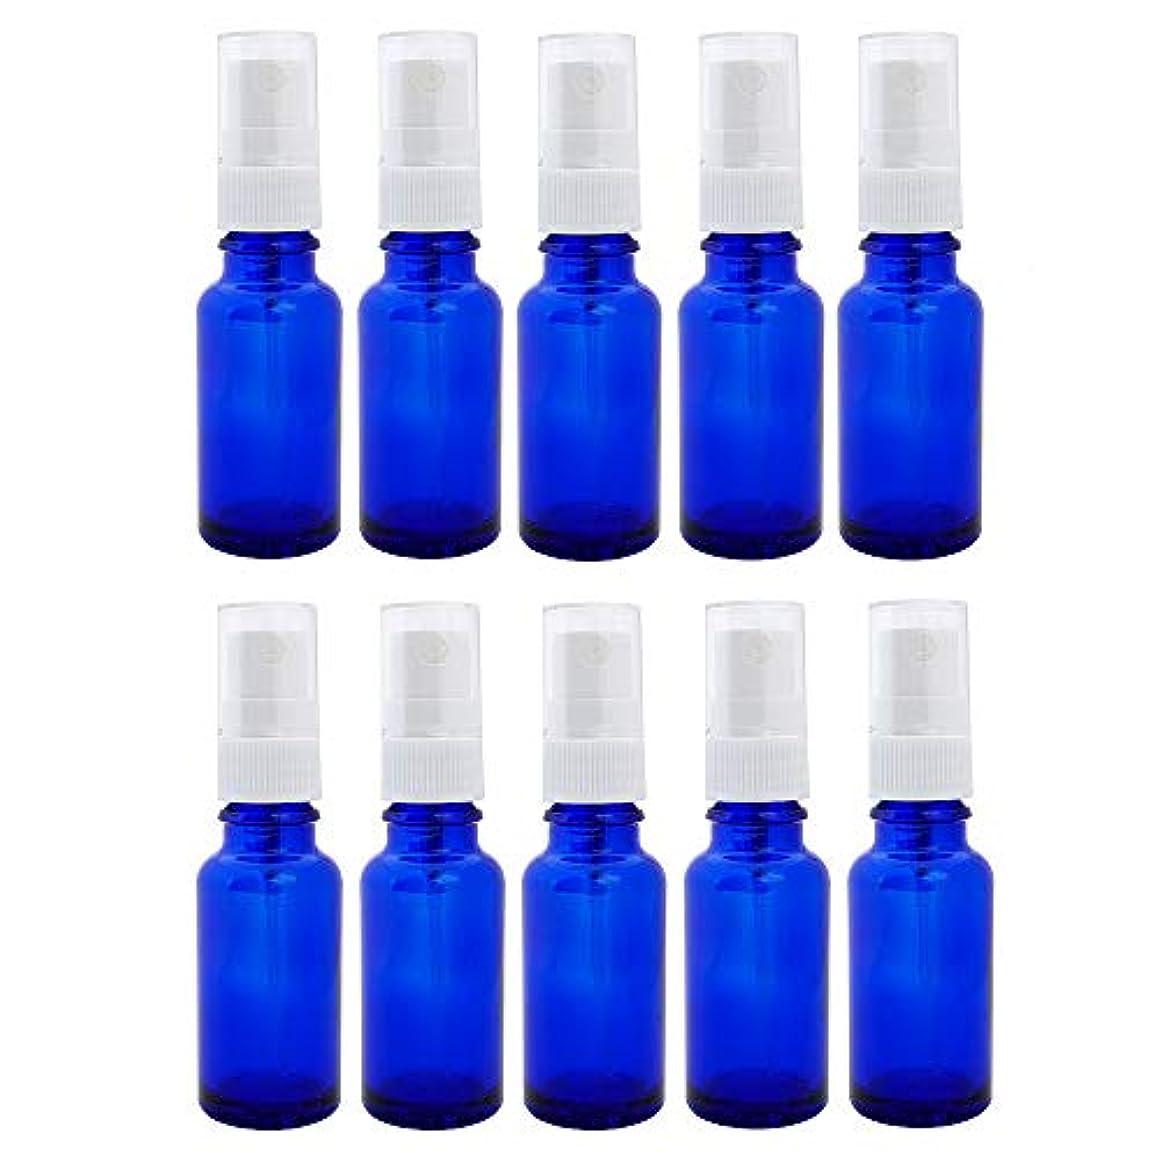 母寺院画面スプレー遮光ビン 20ml 瓶 10本セット ブルー(スプレーノズル キャップ付)